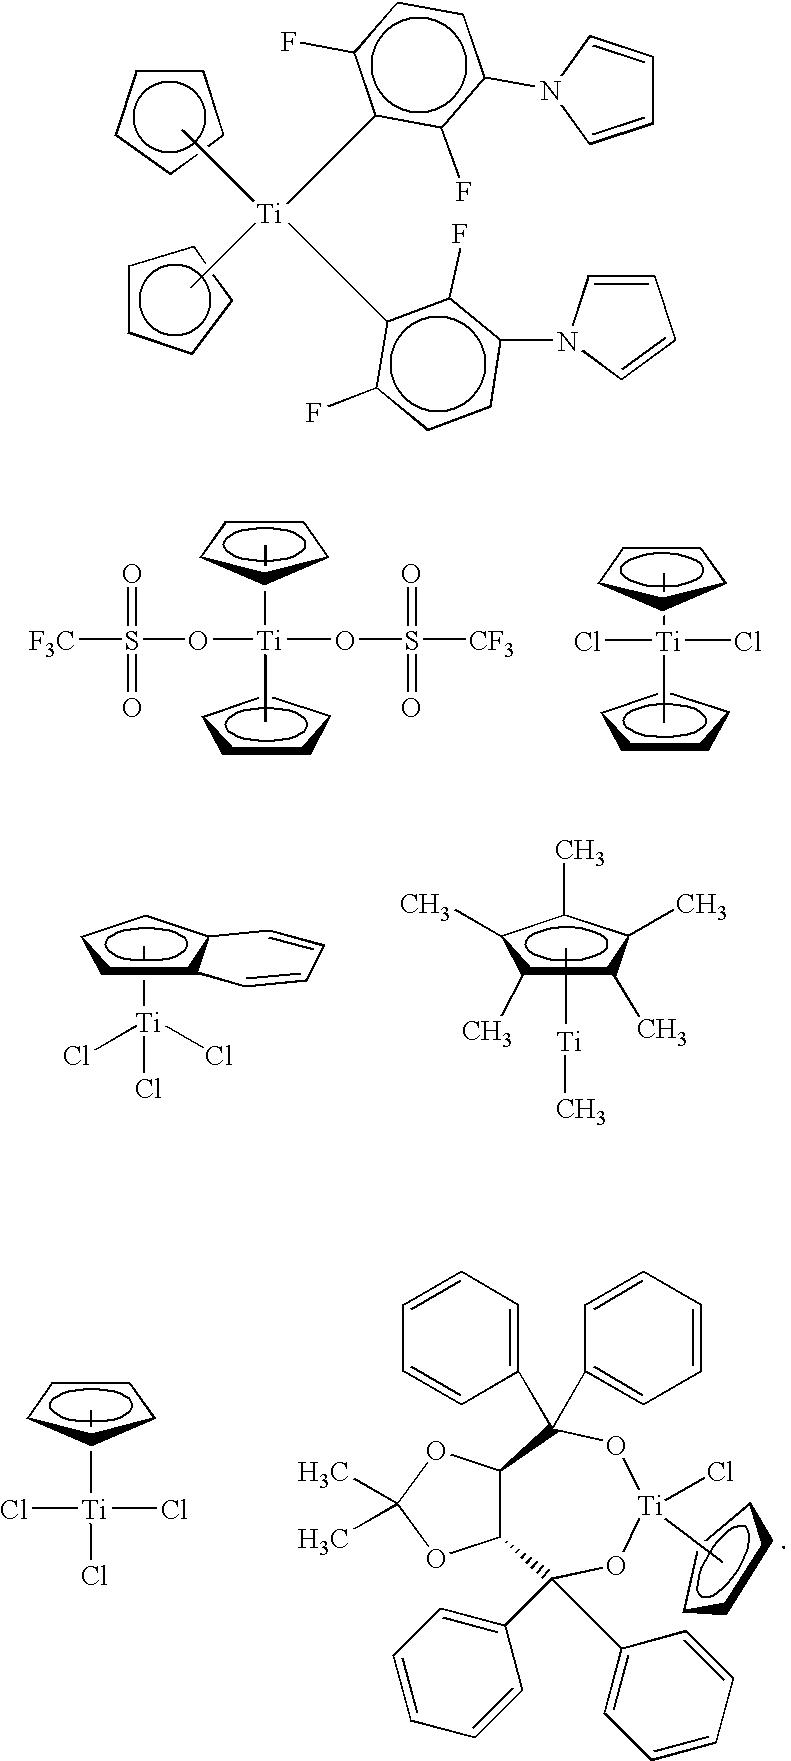 Figure US20090246663A1-20091001-C00005